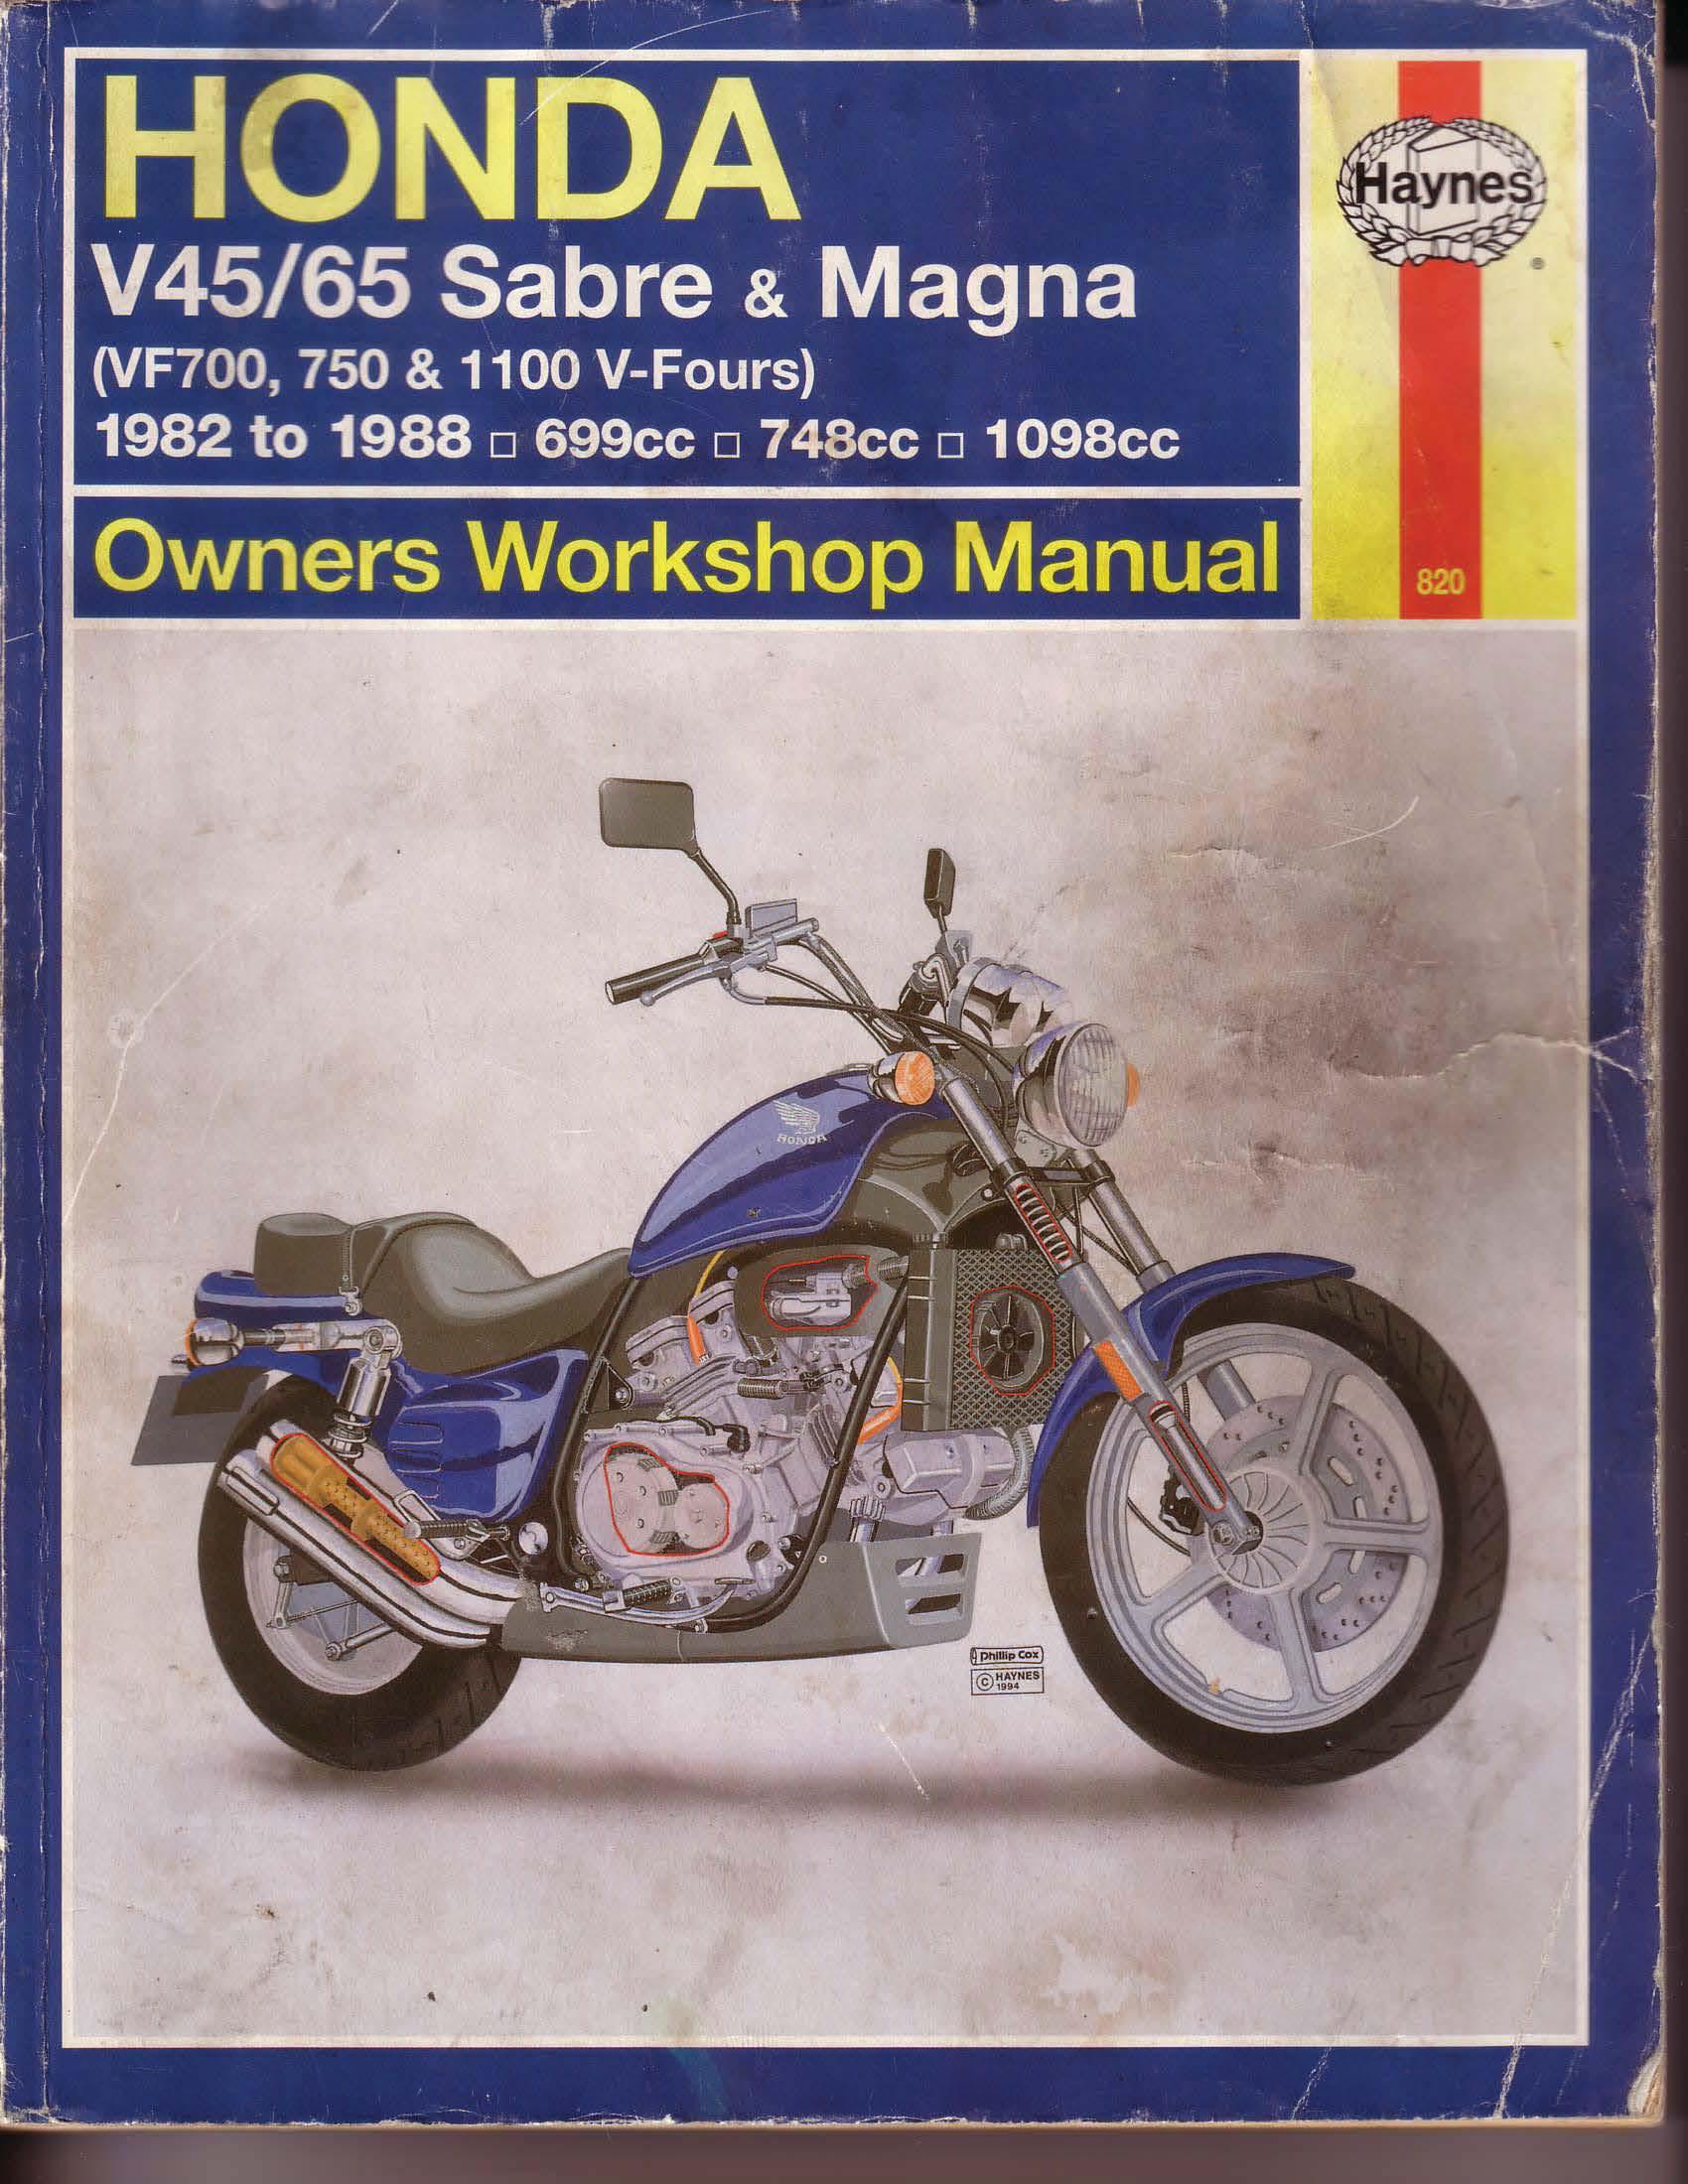 Workshopmanual for Honda VF1100 V45/V65 - Sabre/Magna (1982-1988)